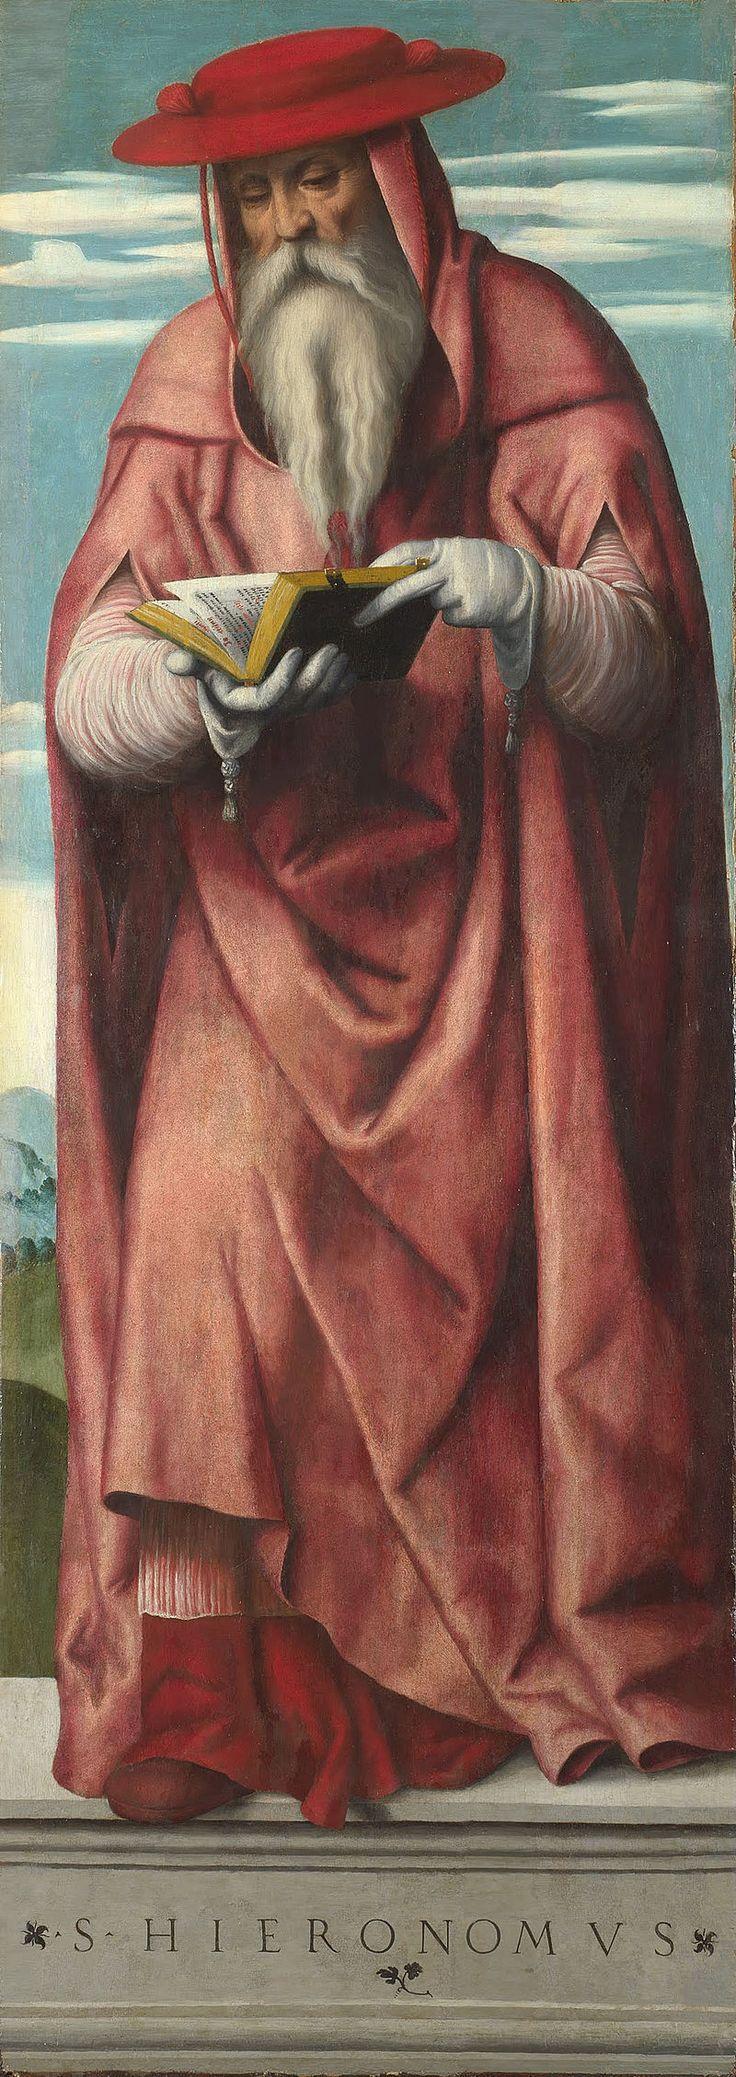 Moretto da Brescia - Saint Jerome - Google Art Project - Category:Google Art Project works by Moretto da Brescia - Wikimedia Commons